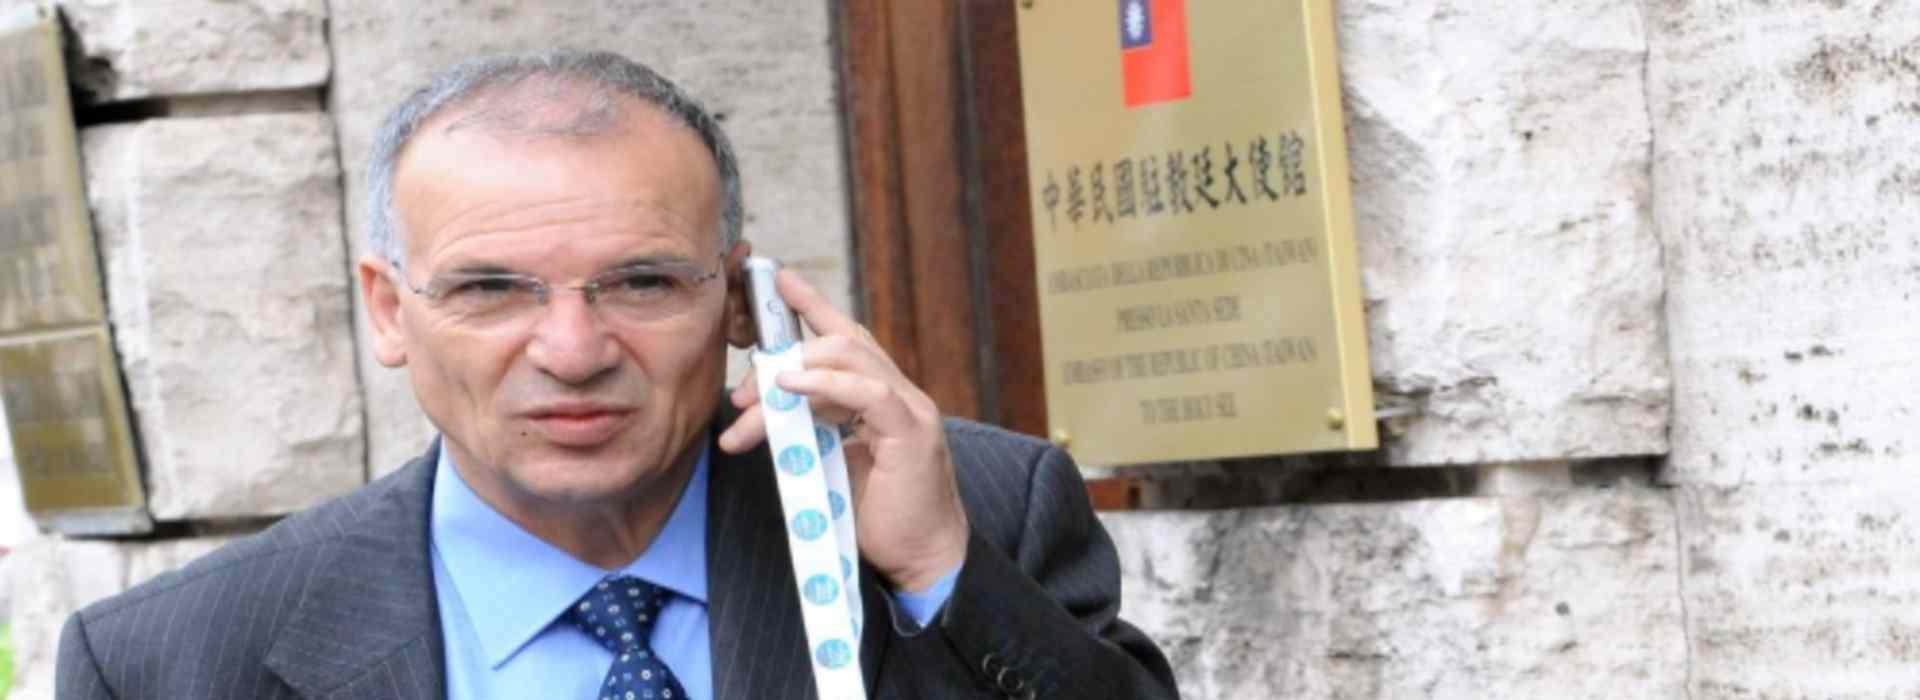 """'Ndrangheta, operazione """"Farmabusiness"""": arrestato il presidente del consiglio regionale della Calabria"""